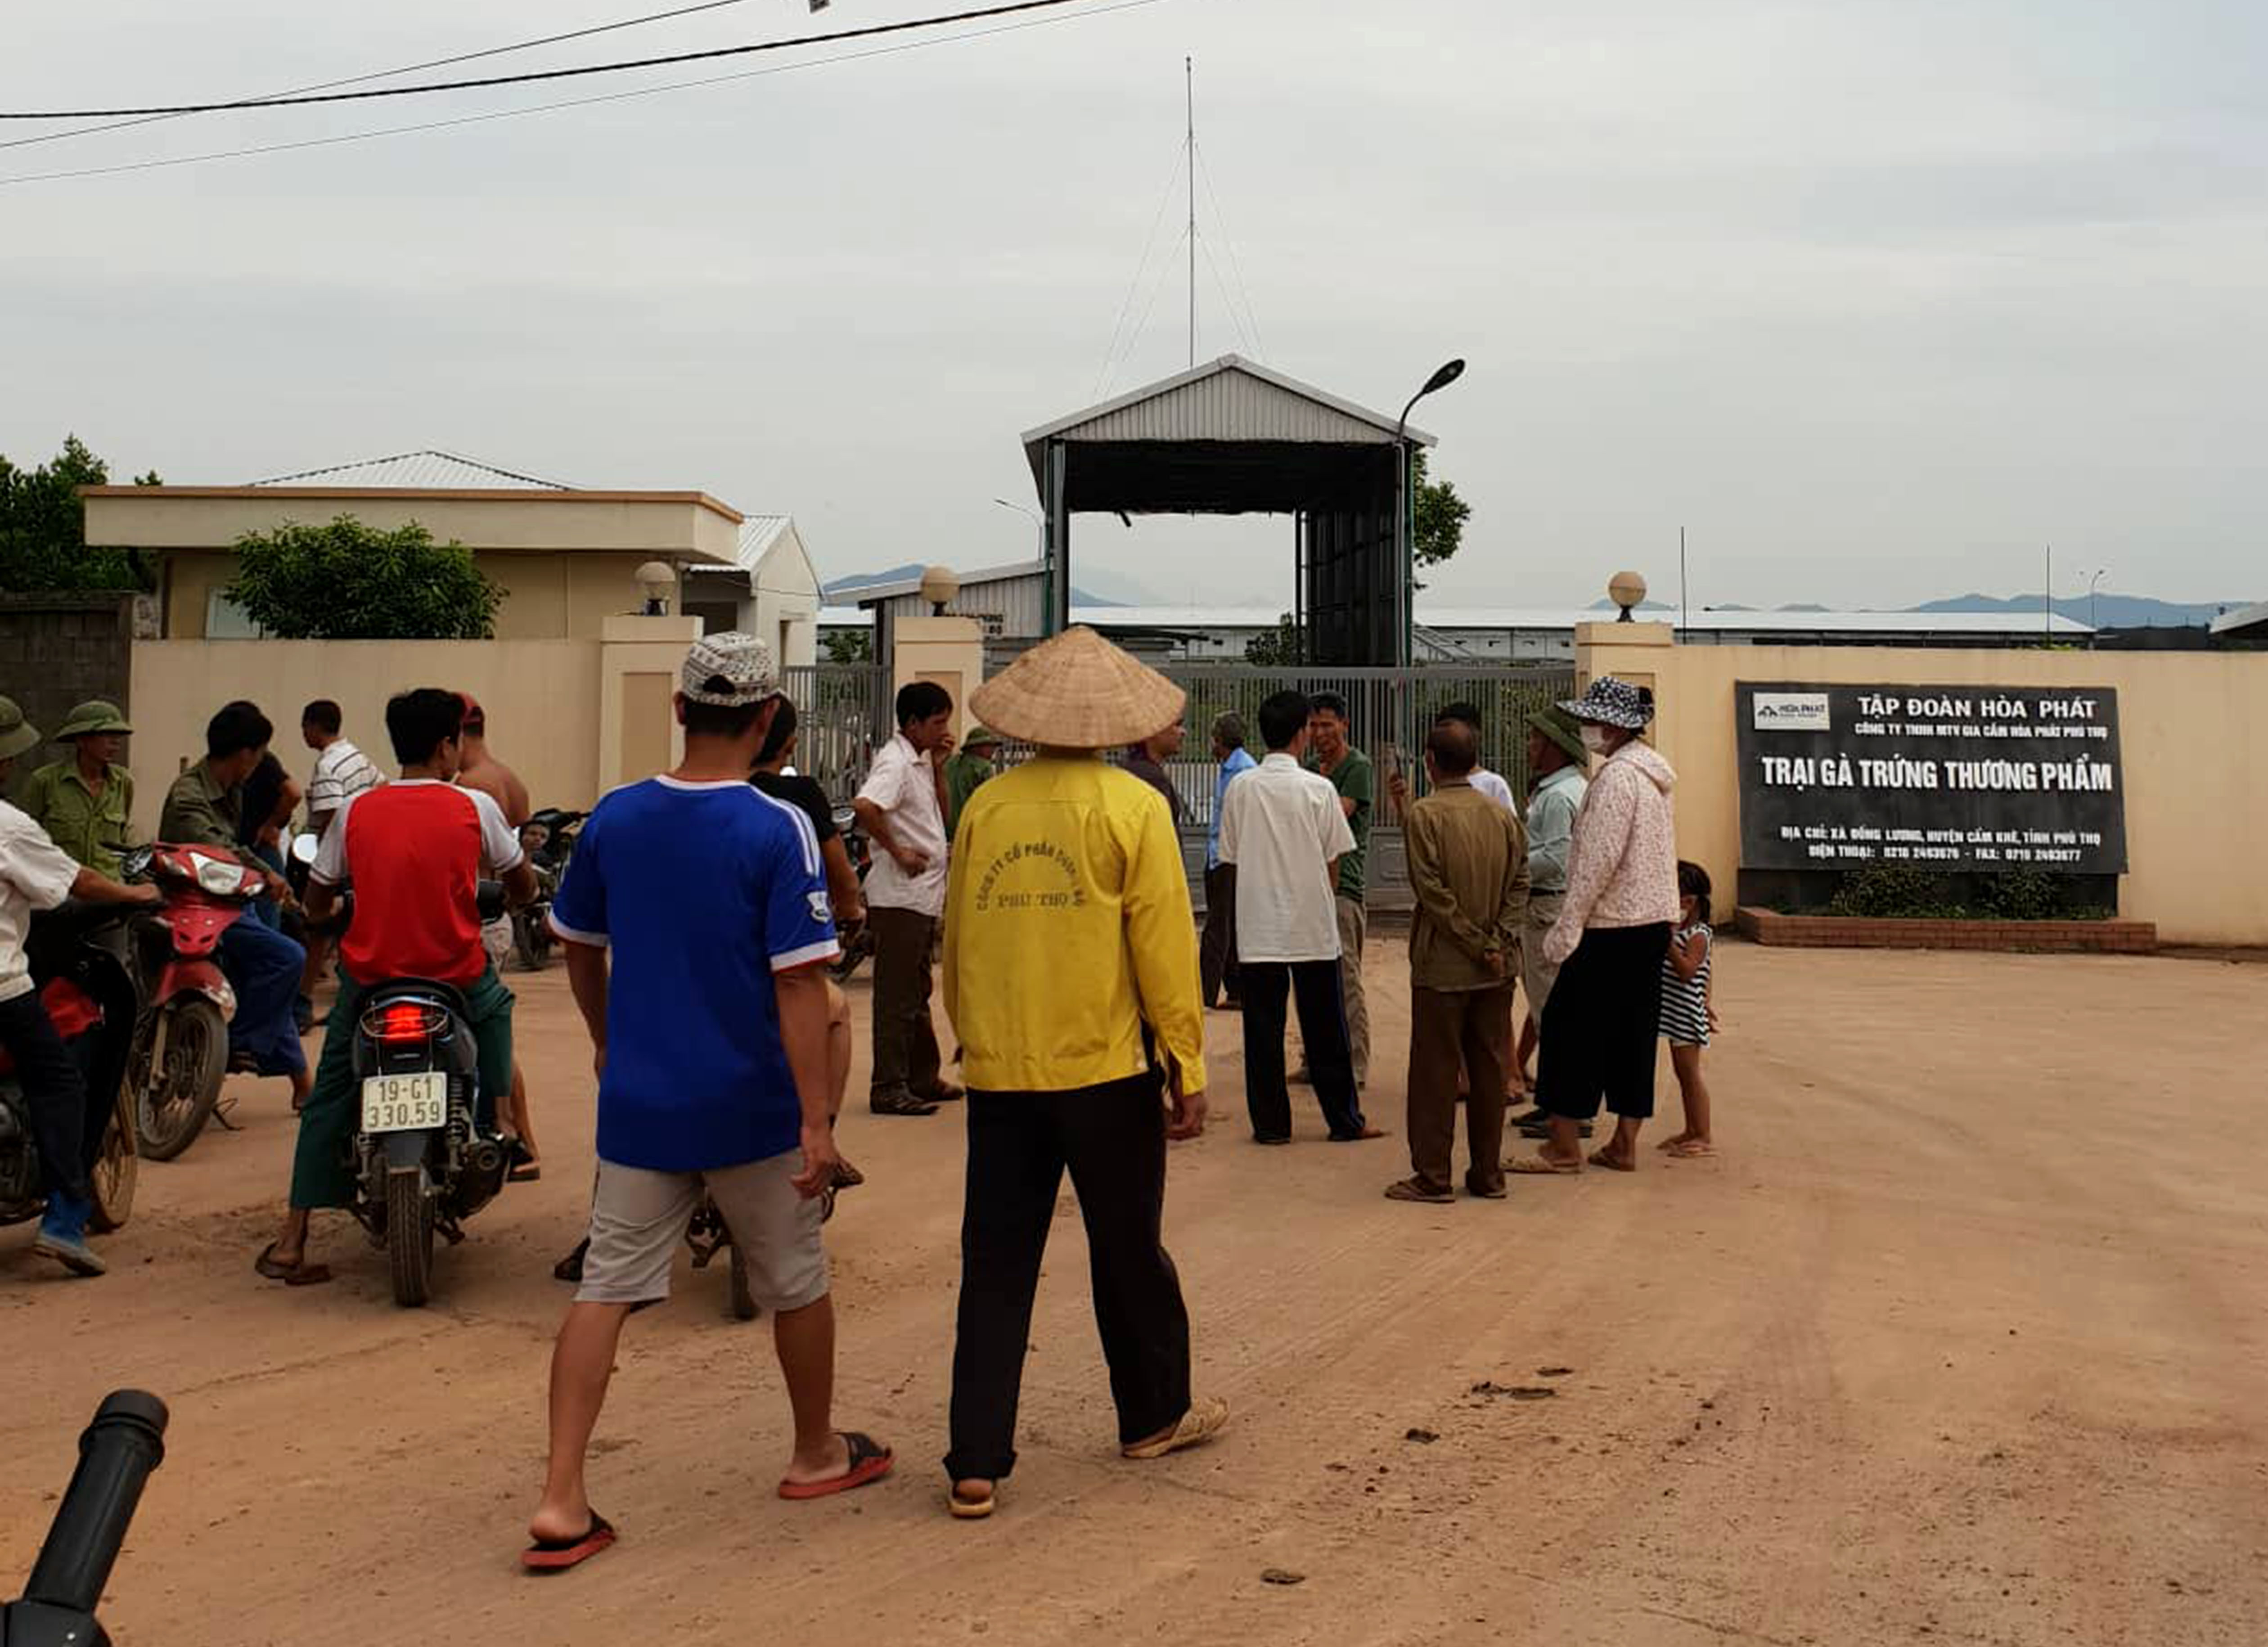 Người dân tập trung trước cổng trại gà để phản đối.